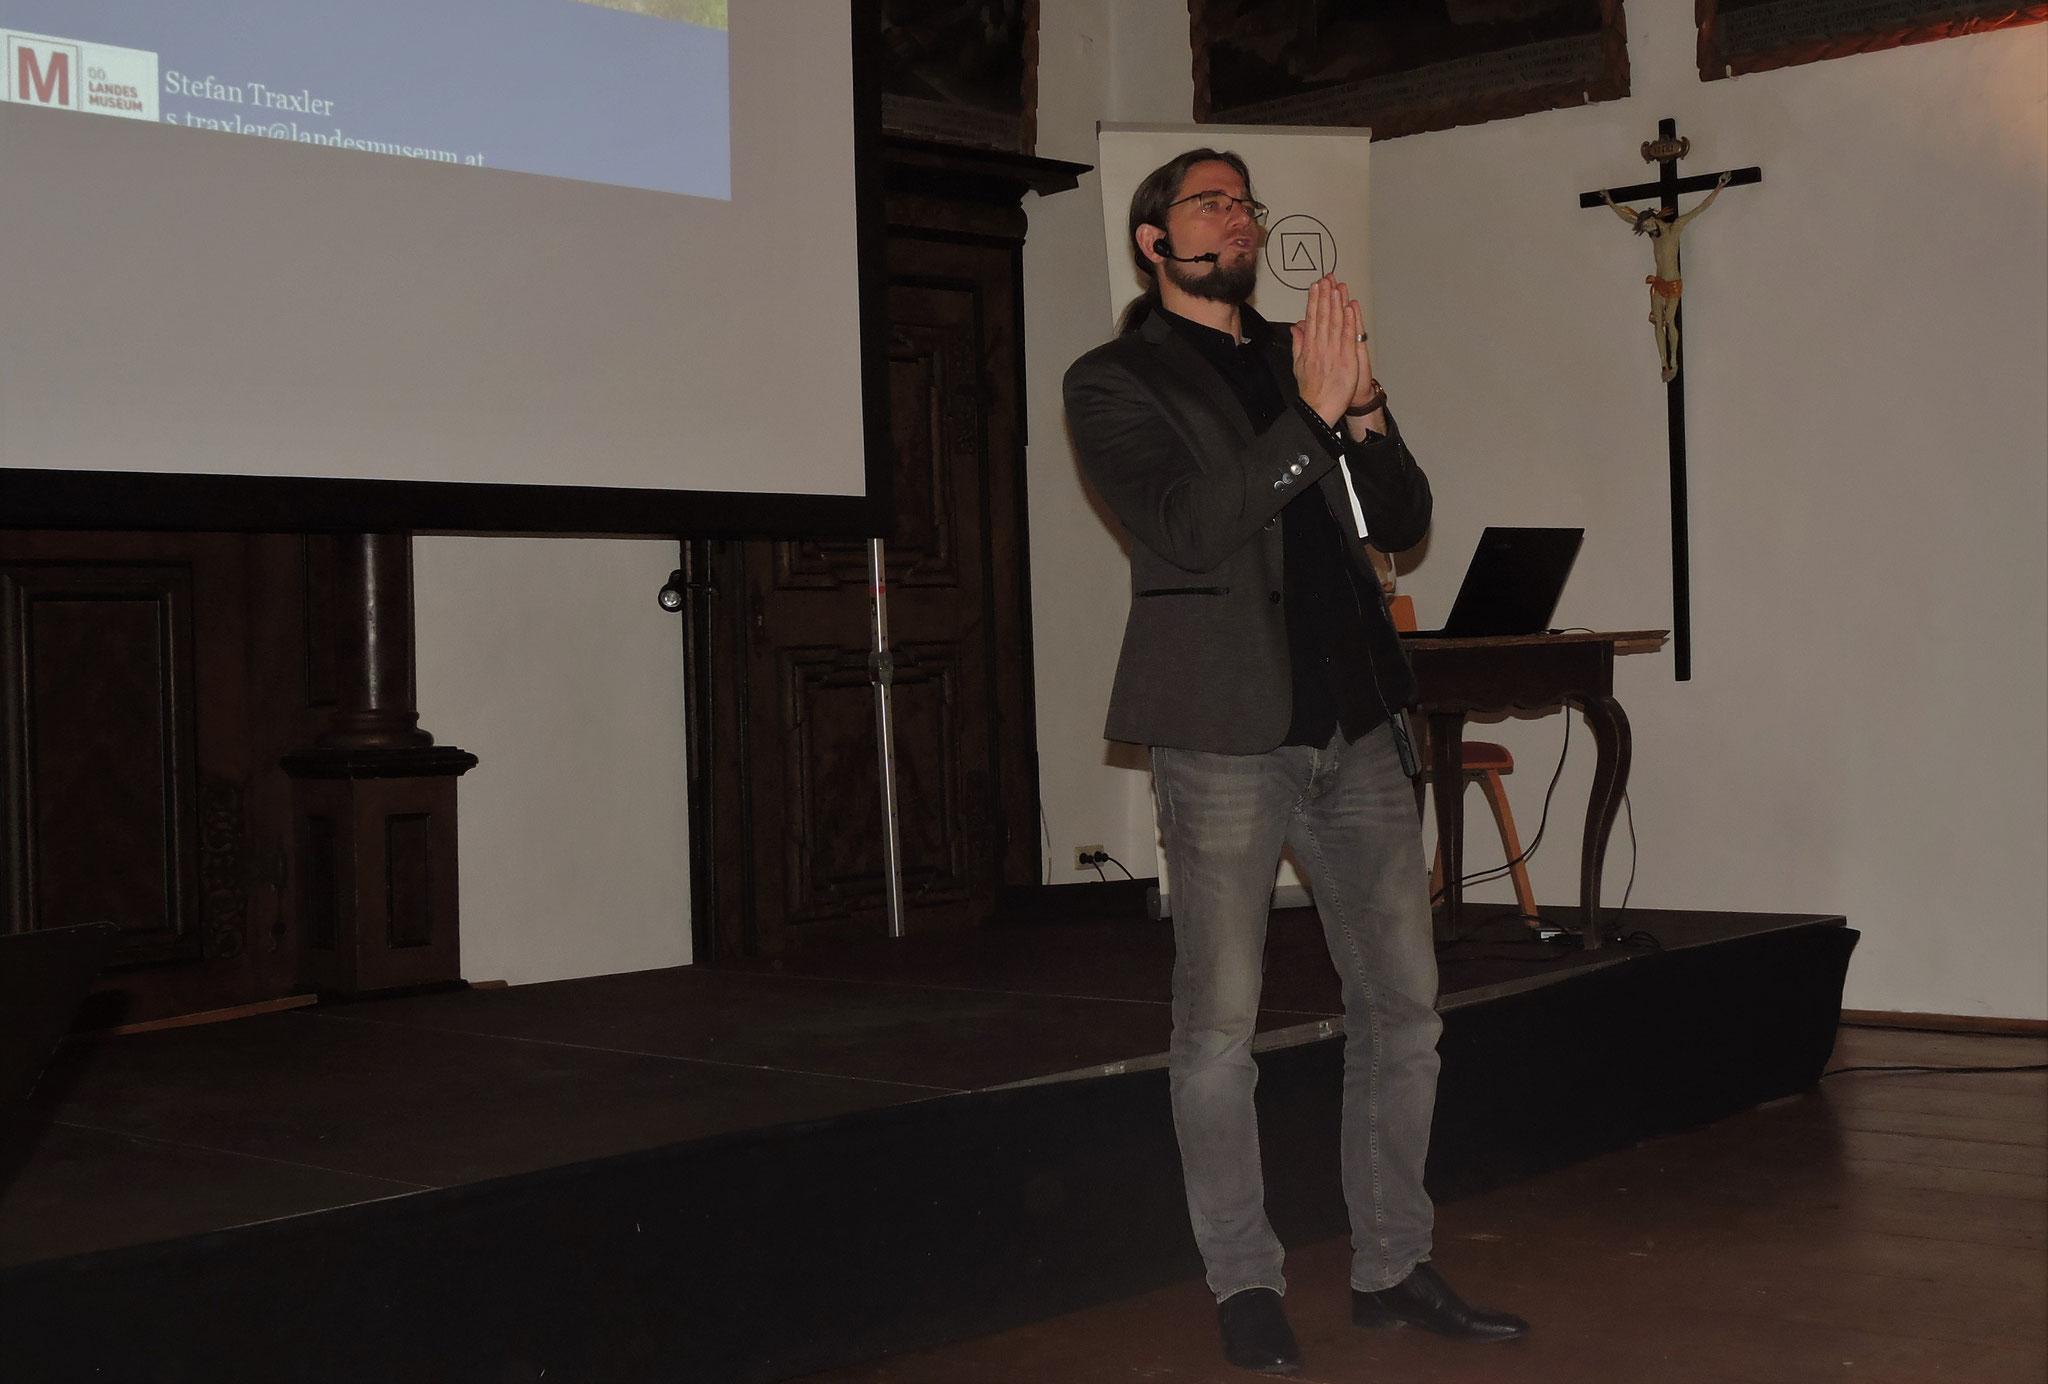 Sein energiegeladener Vortrag zog alle in seinen Bann ©B. Bichler